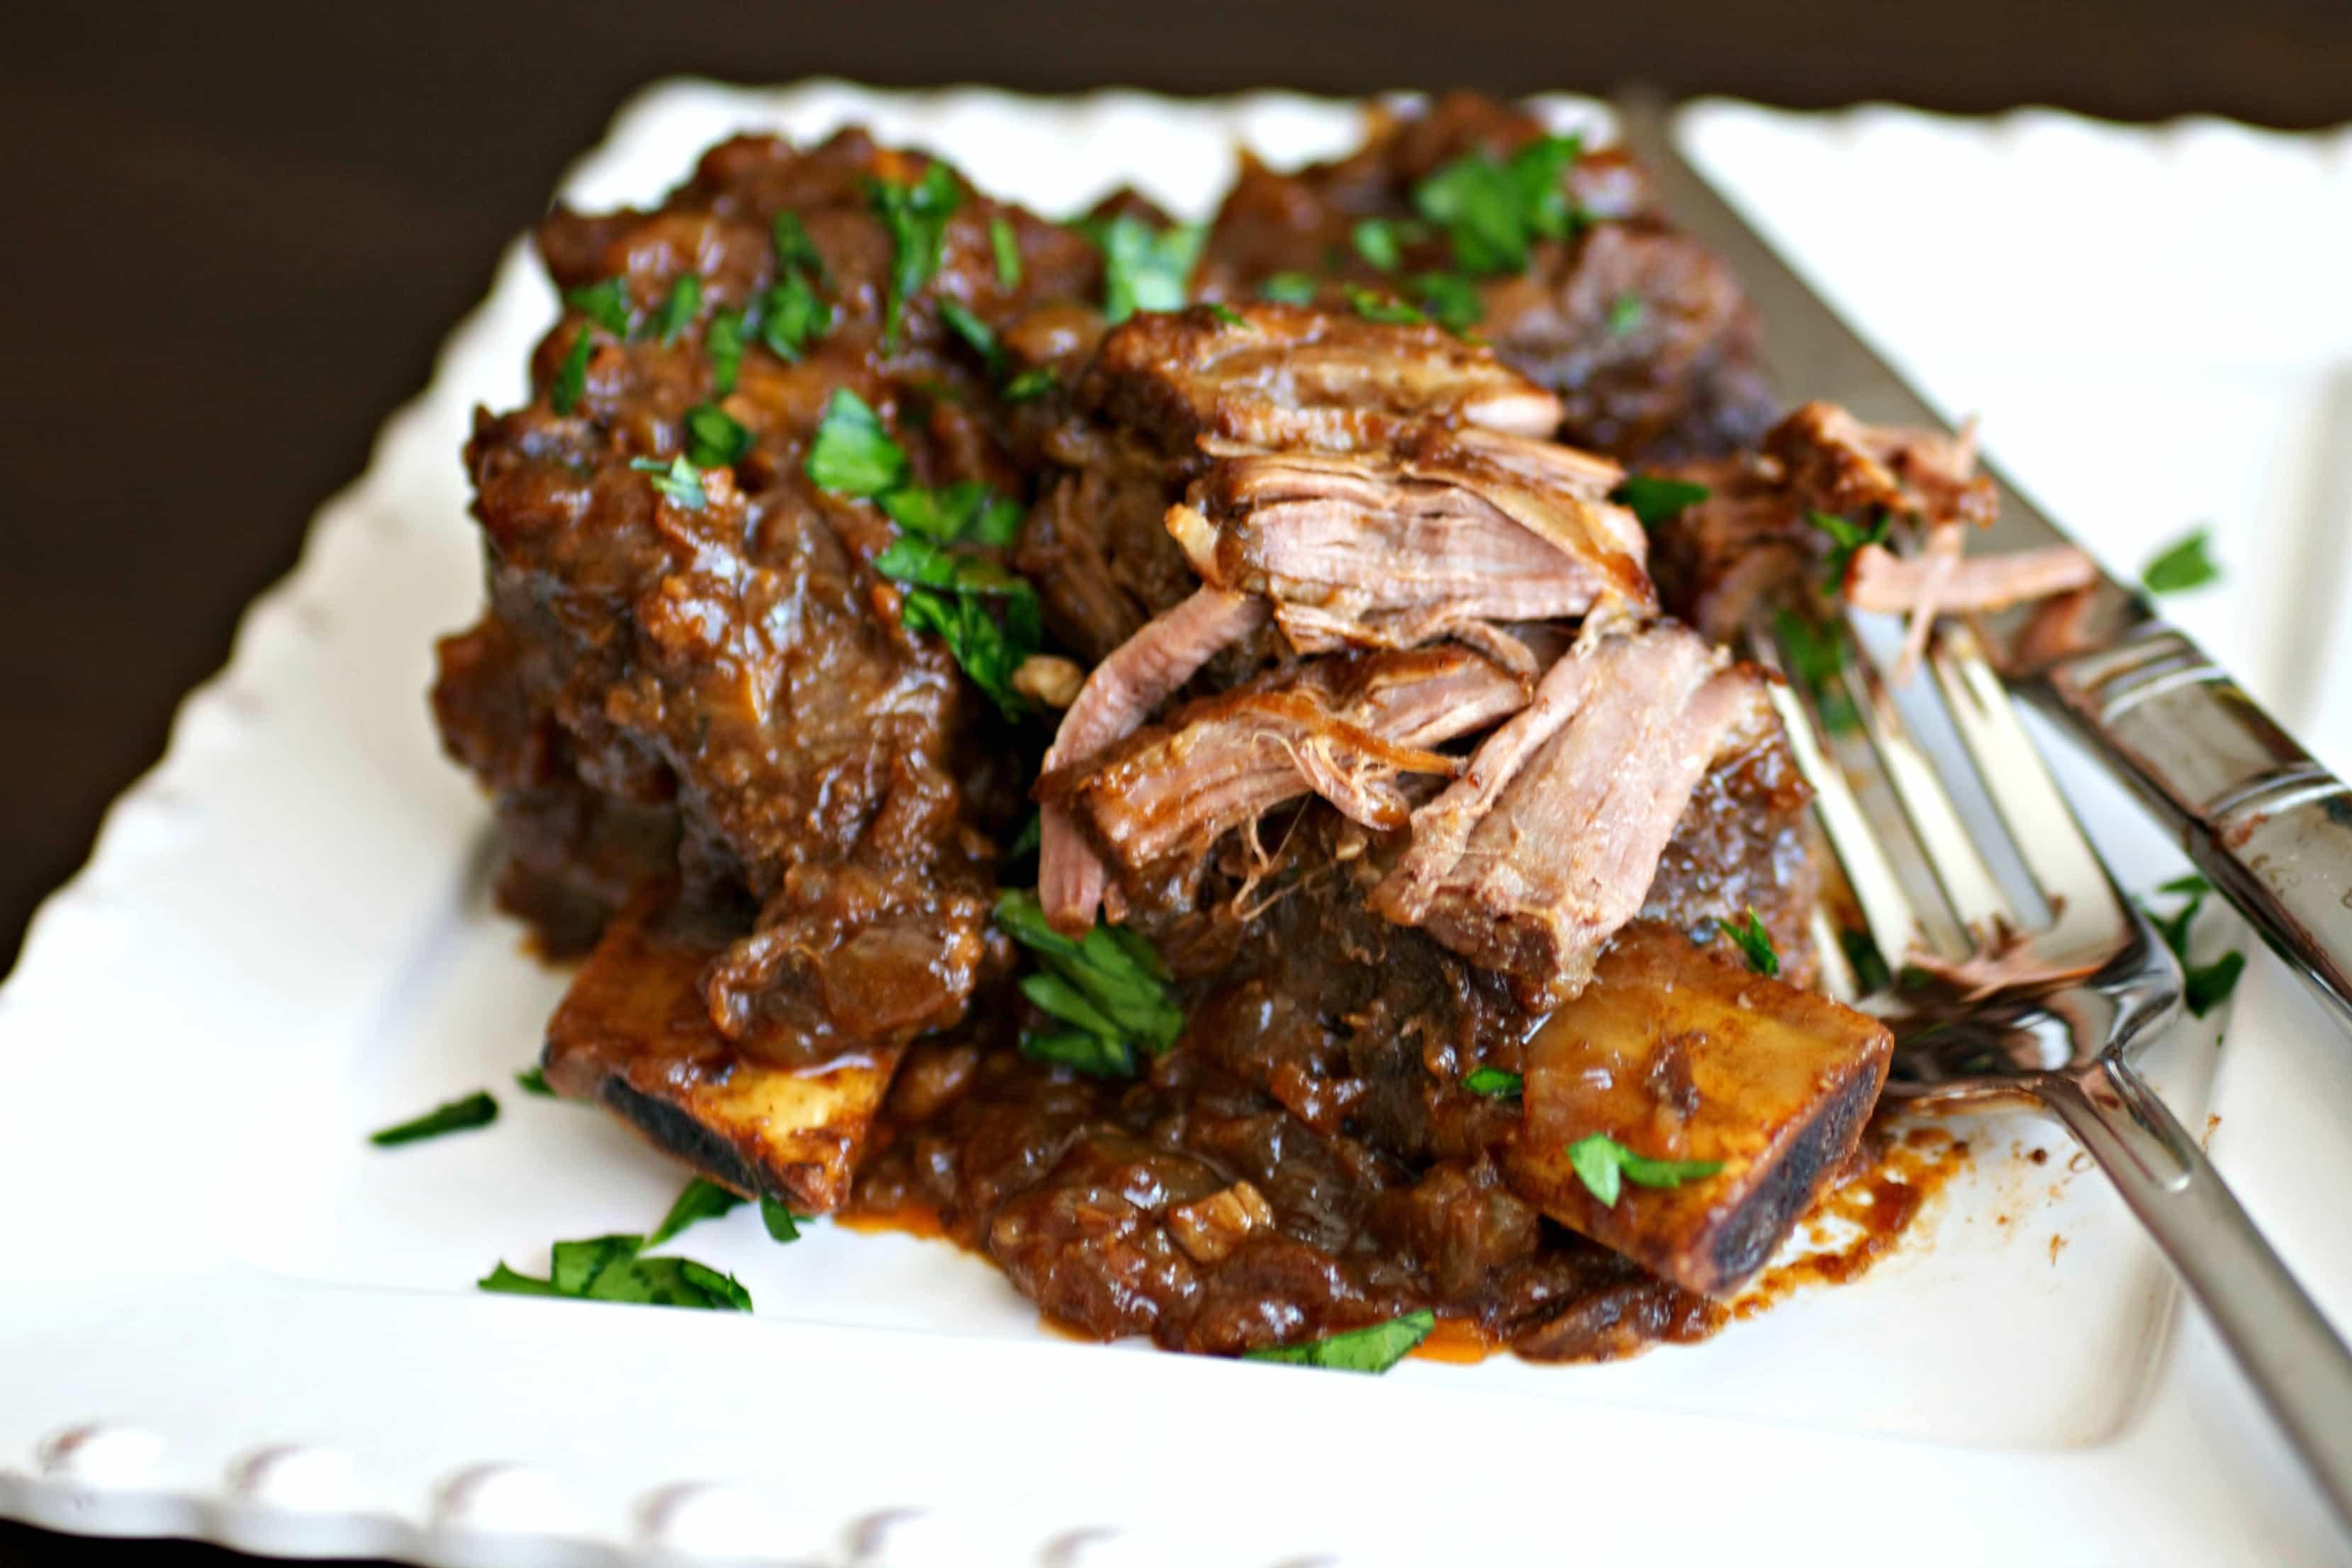 Braised Beef Short Ribs  Braised Beef Short Ribs • Tasty Ever After